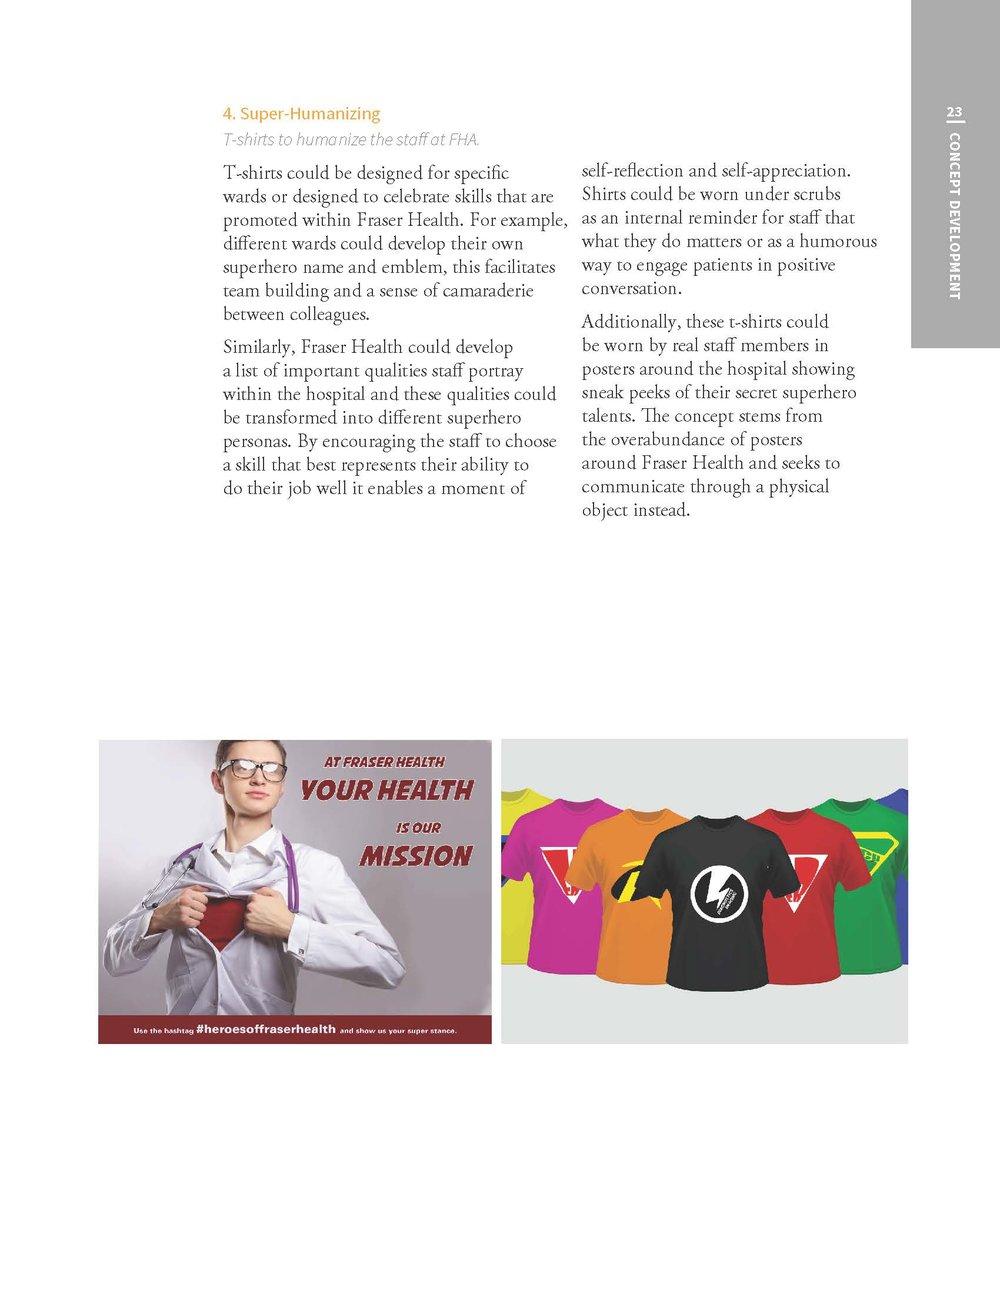 Copy of HDL_Fraser_Health_V4_Page_23.jpg